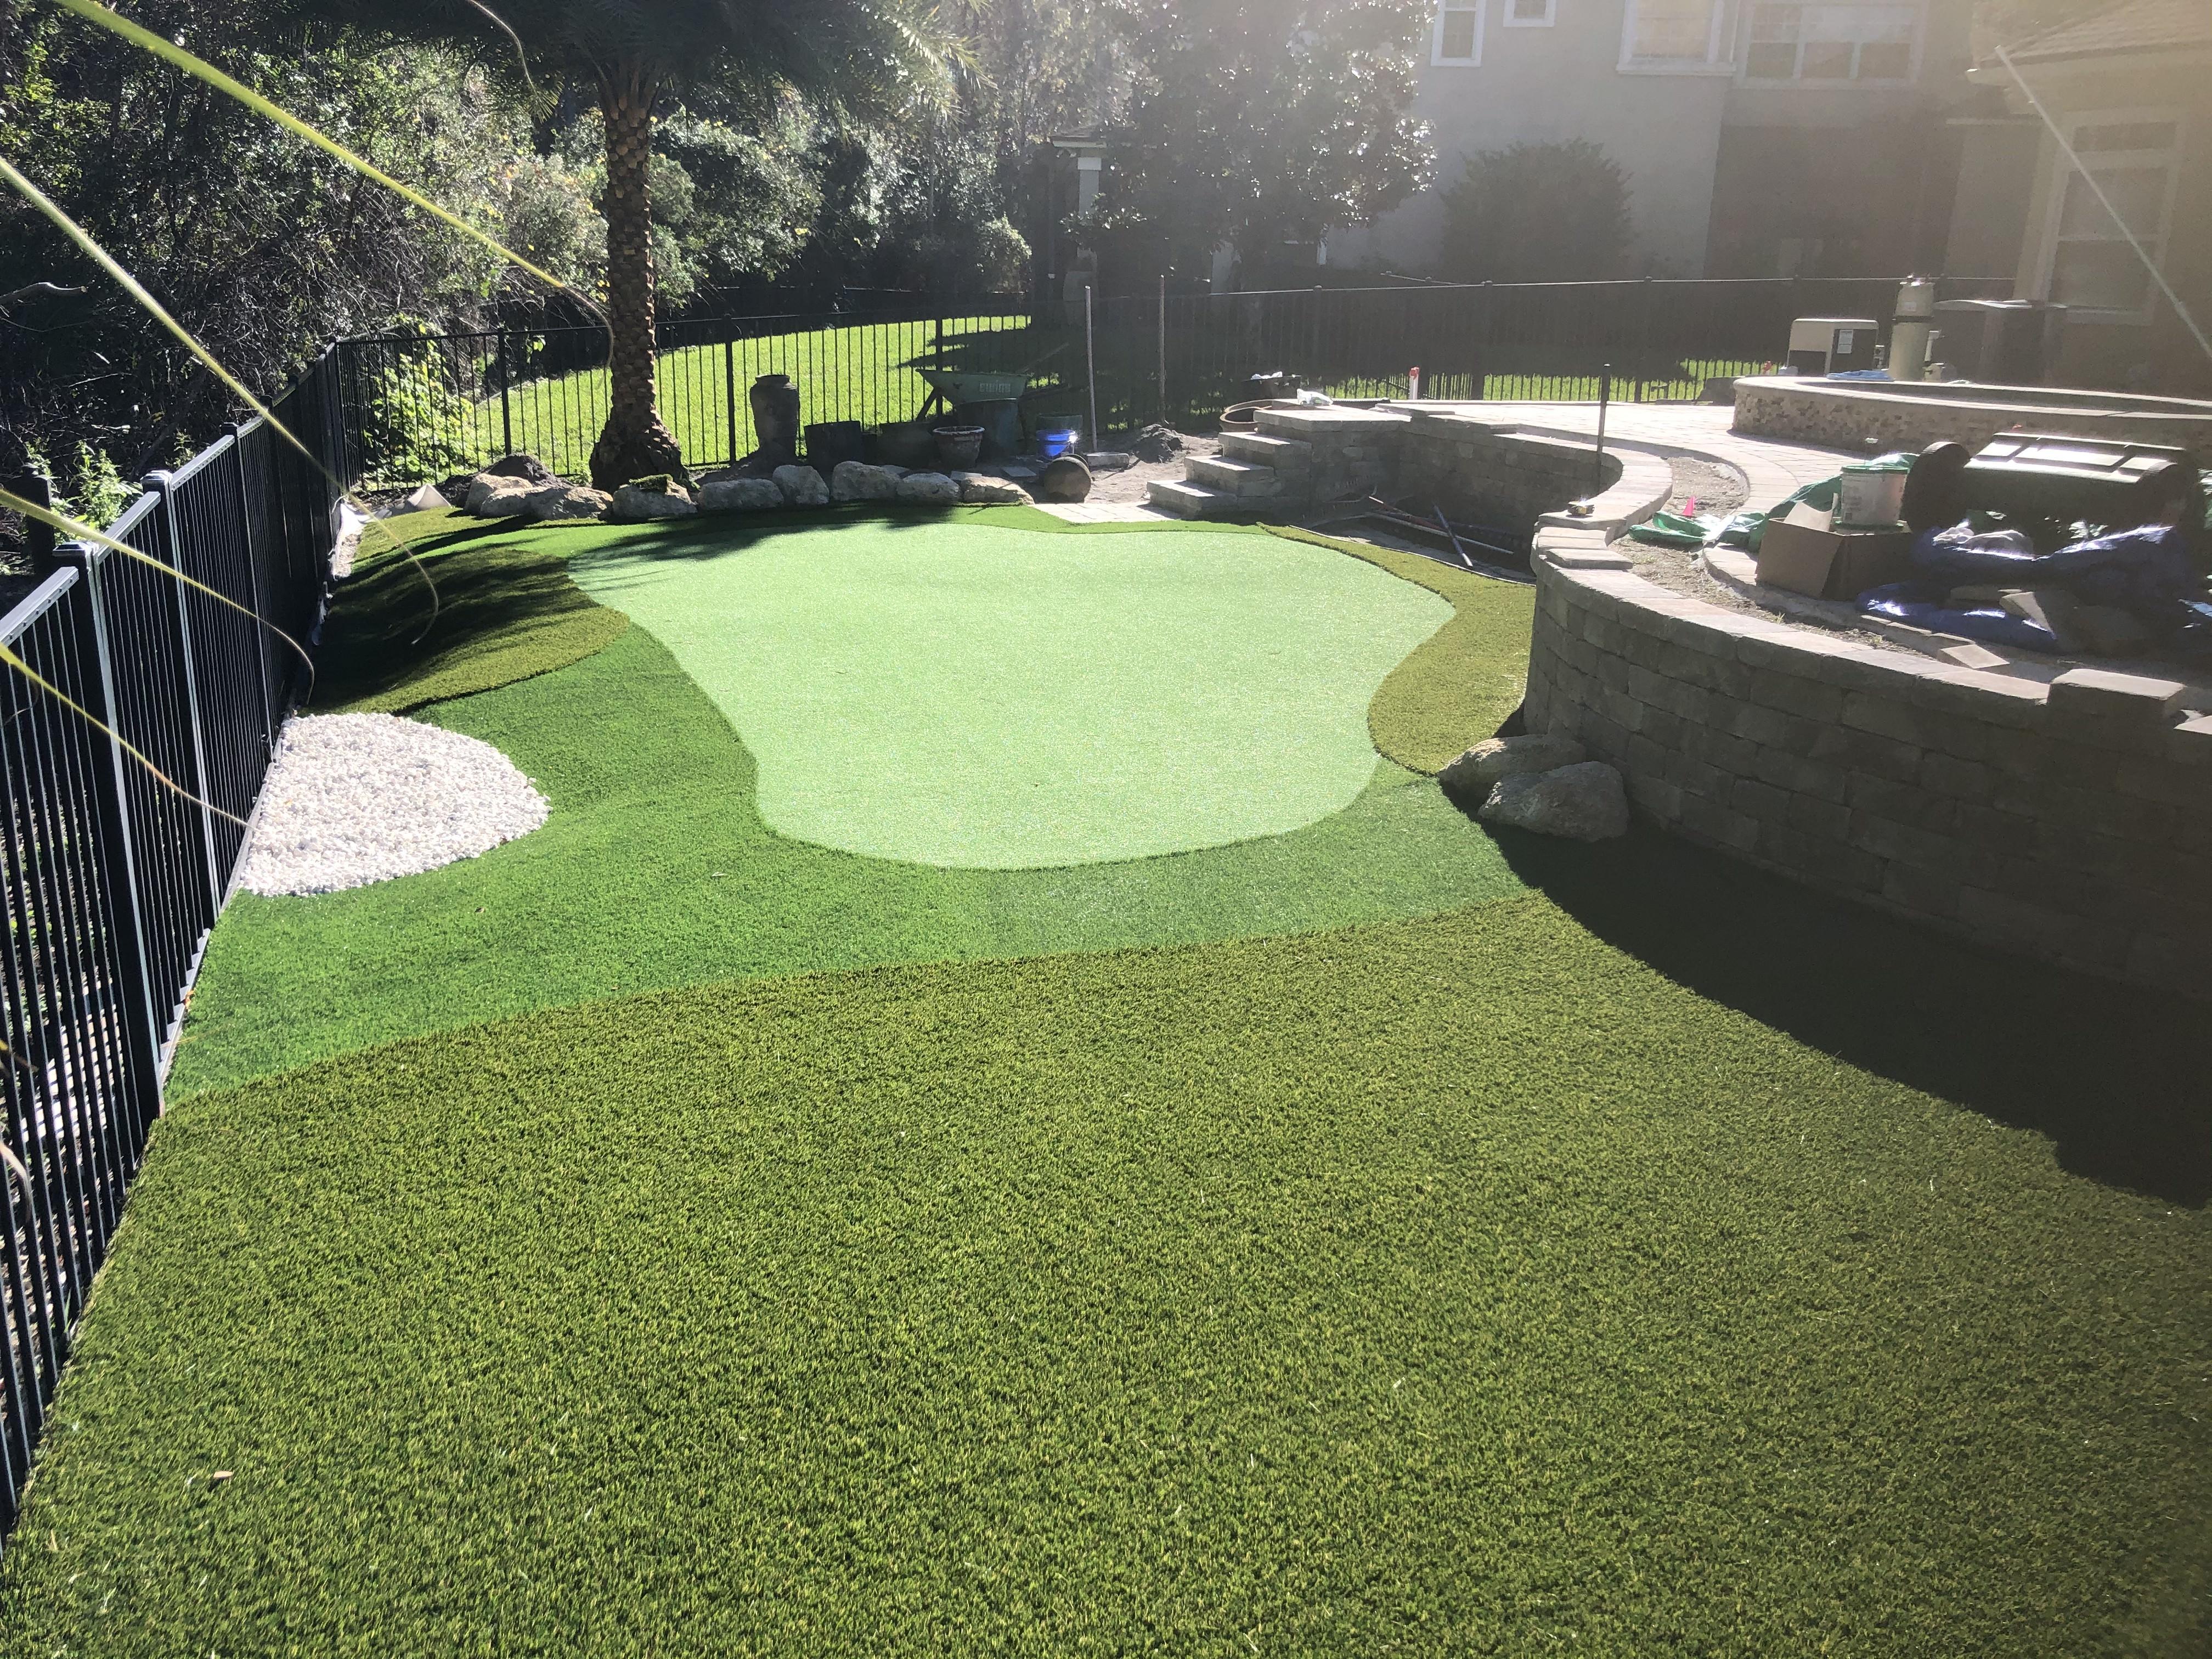 Putt-46 BiColor fake green grass,green grass carpet,fake grass for yard,backyard turf,turf backyard,turf yard,fake grass for backyard